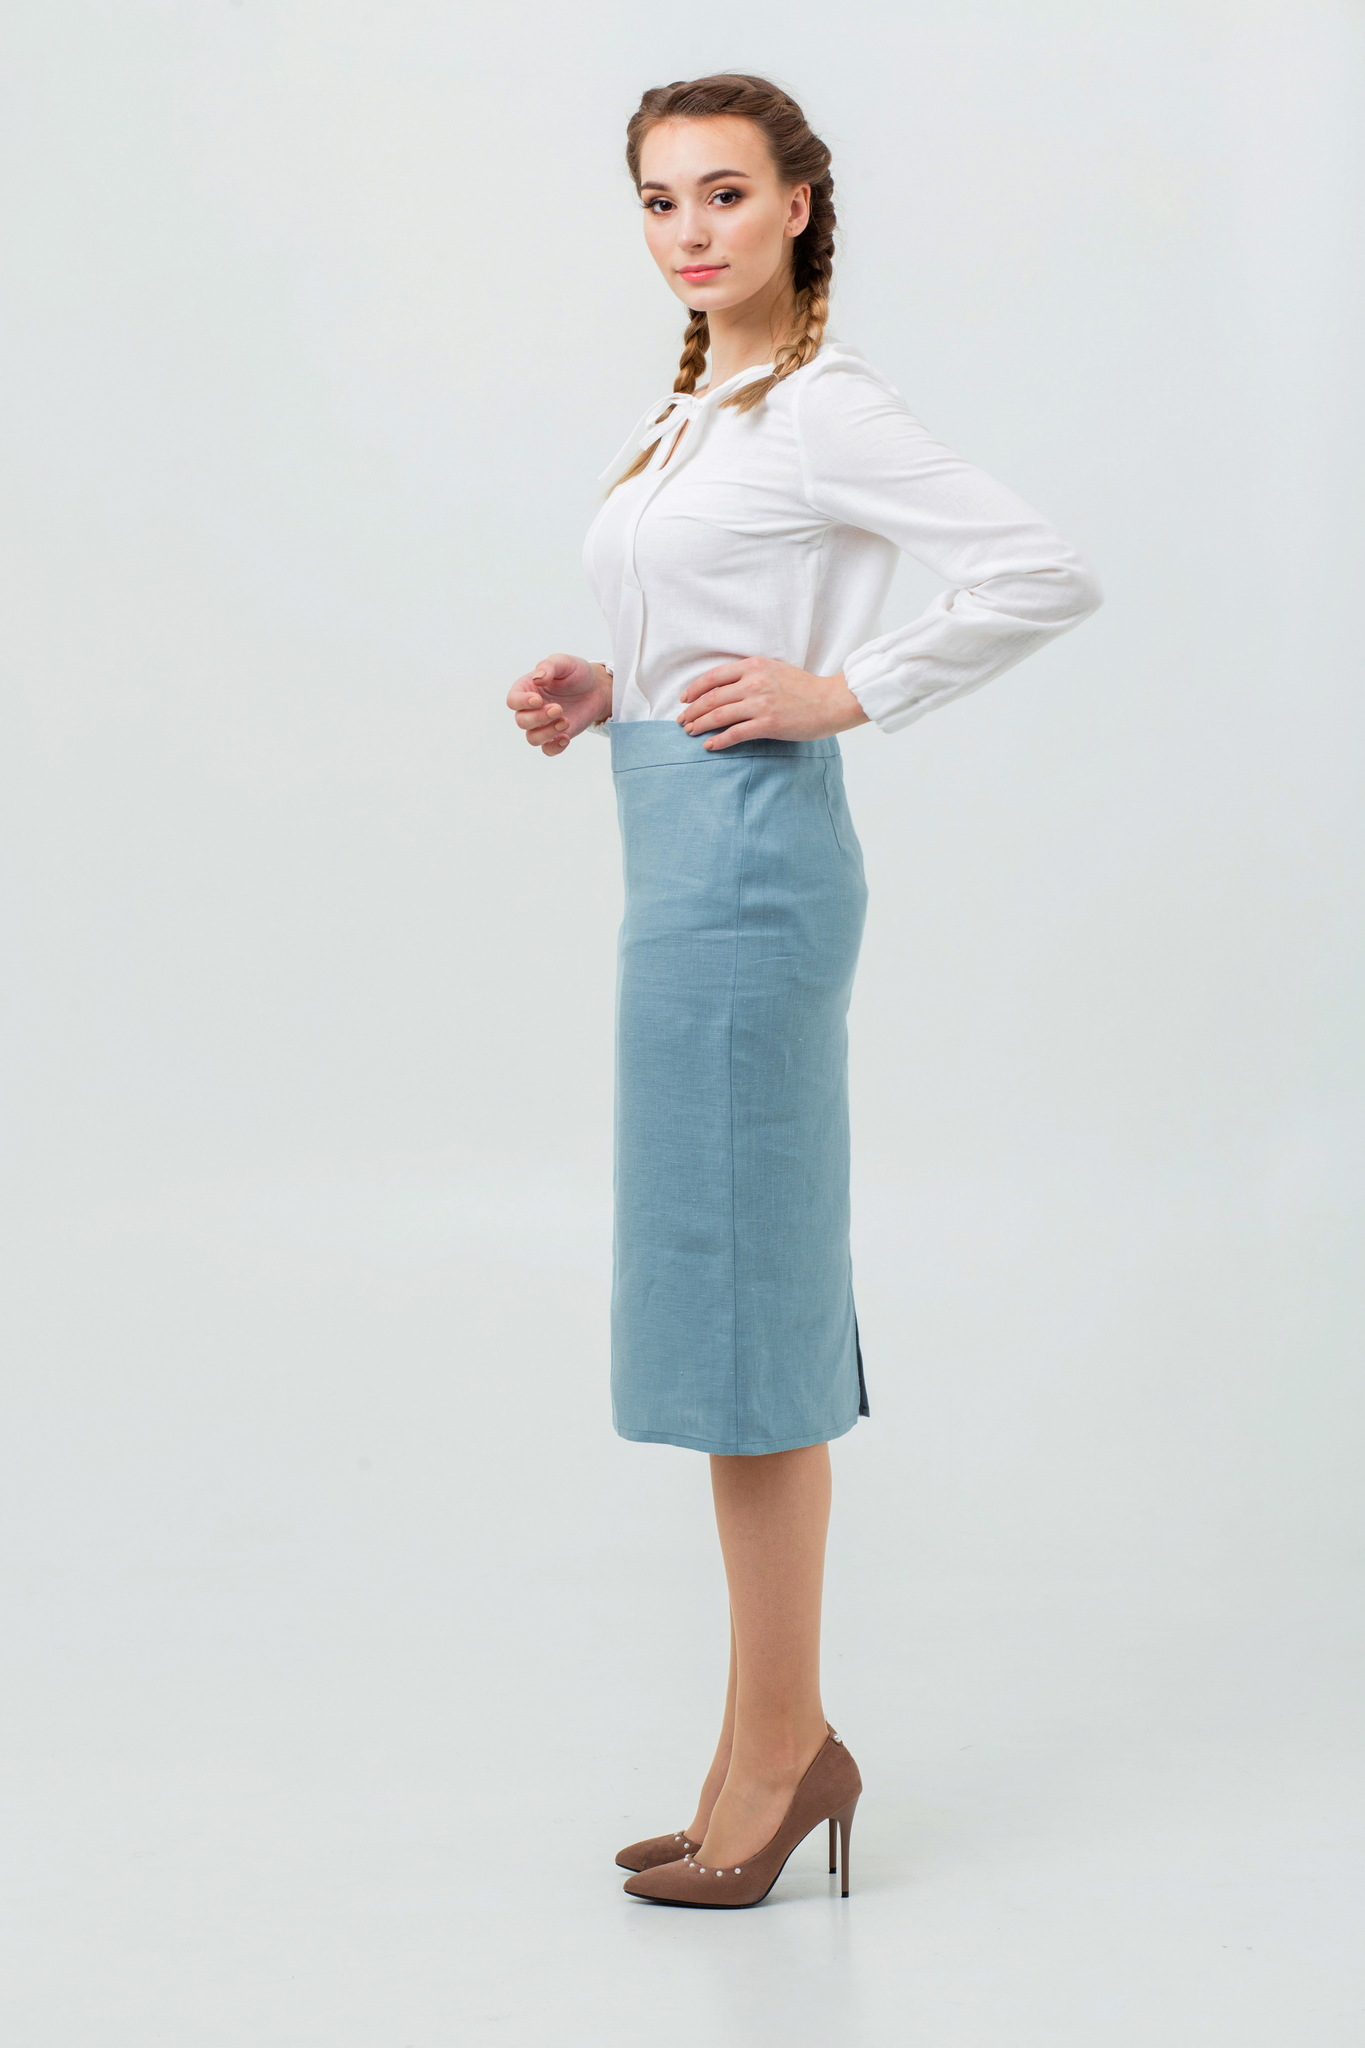 Льняная юбка в офис купить